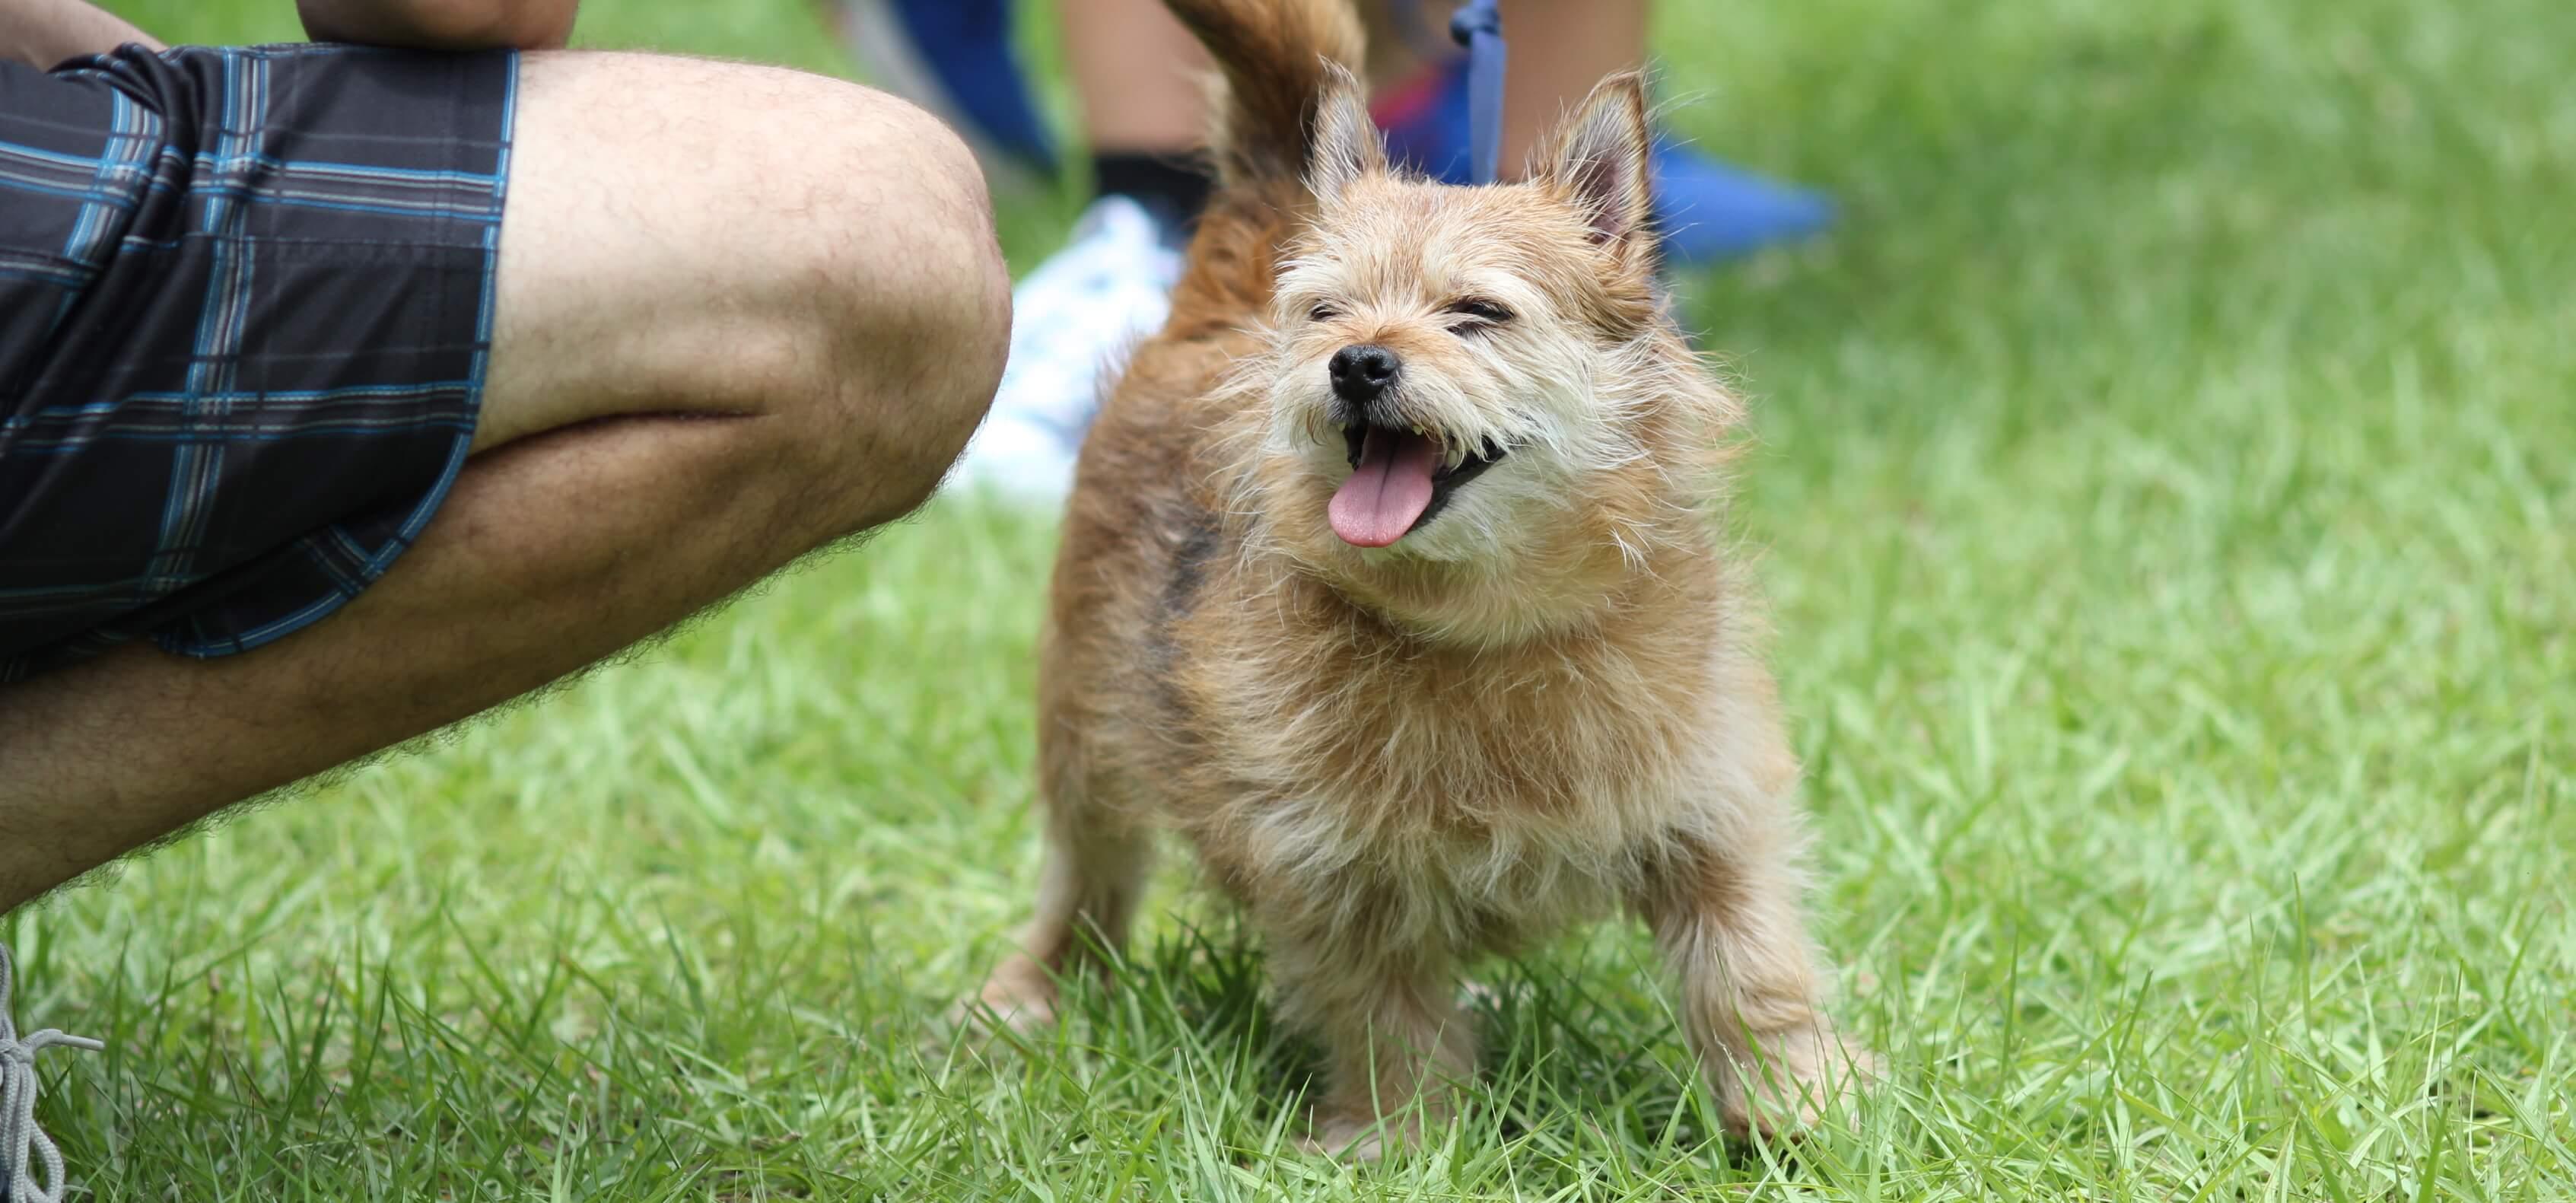 FGCU Puppy Palooza Spring 2015